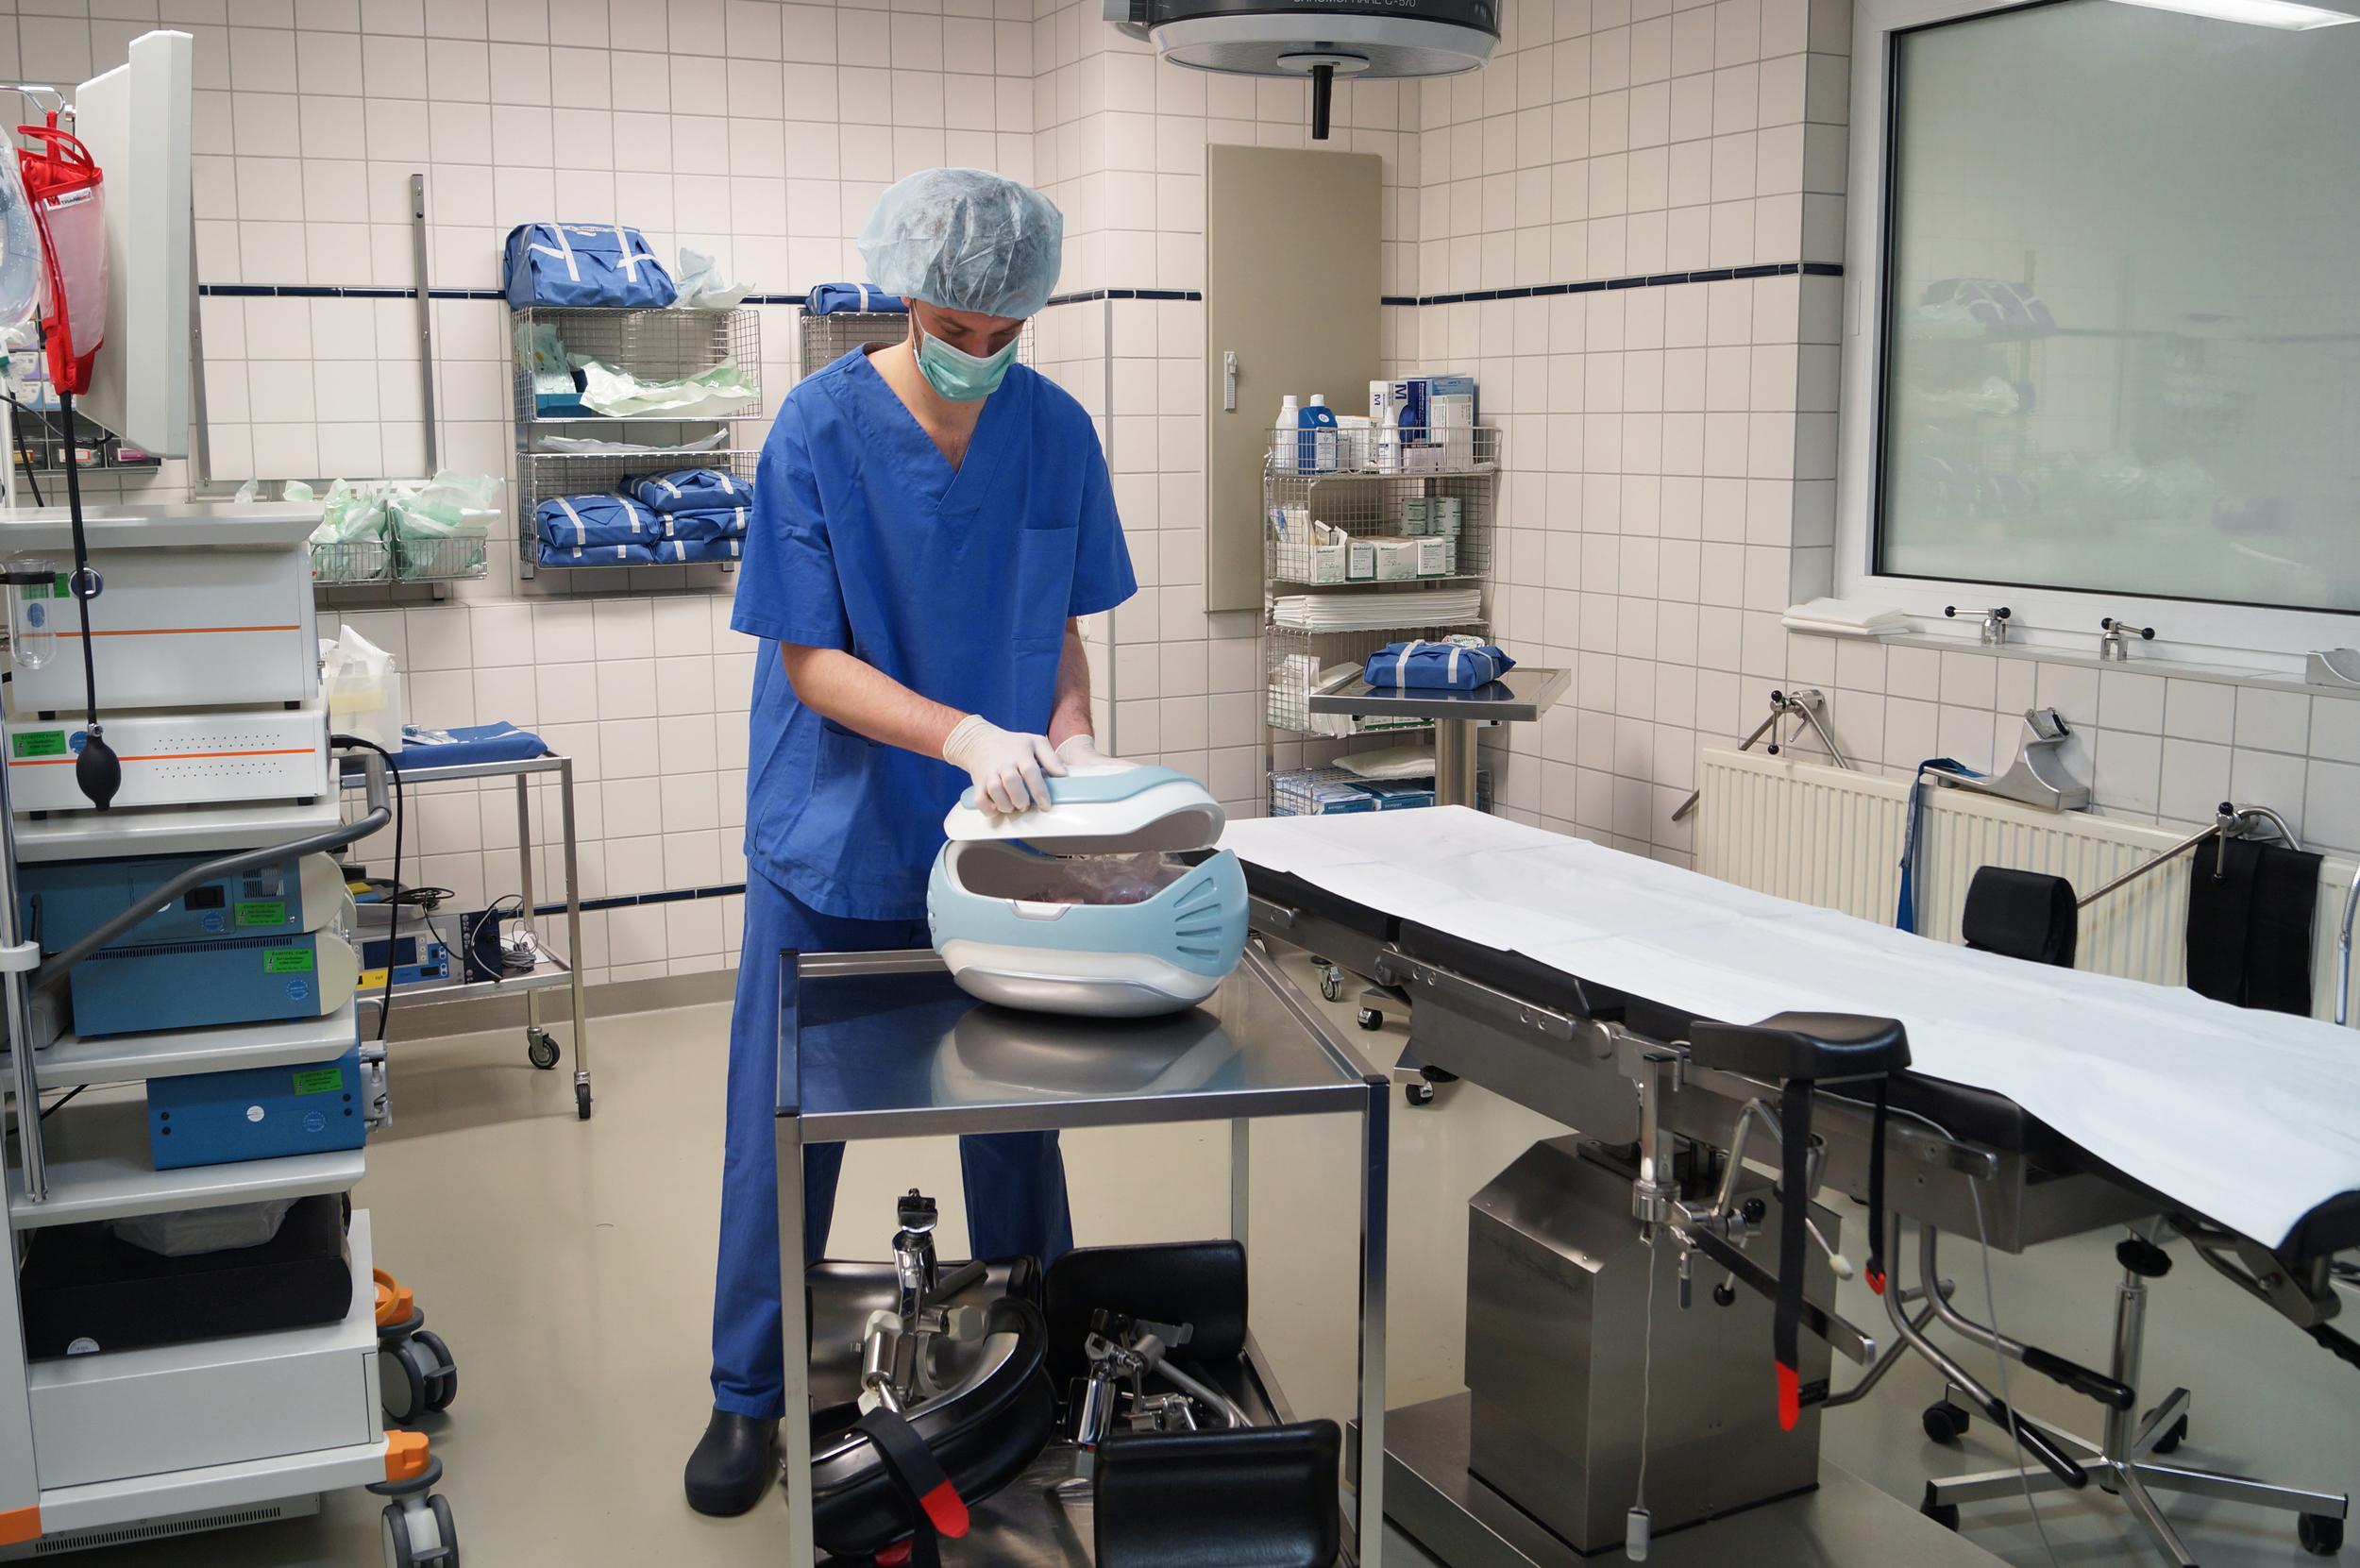 Krankenhaus_5.jpg